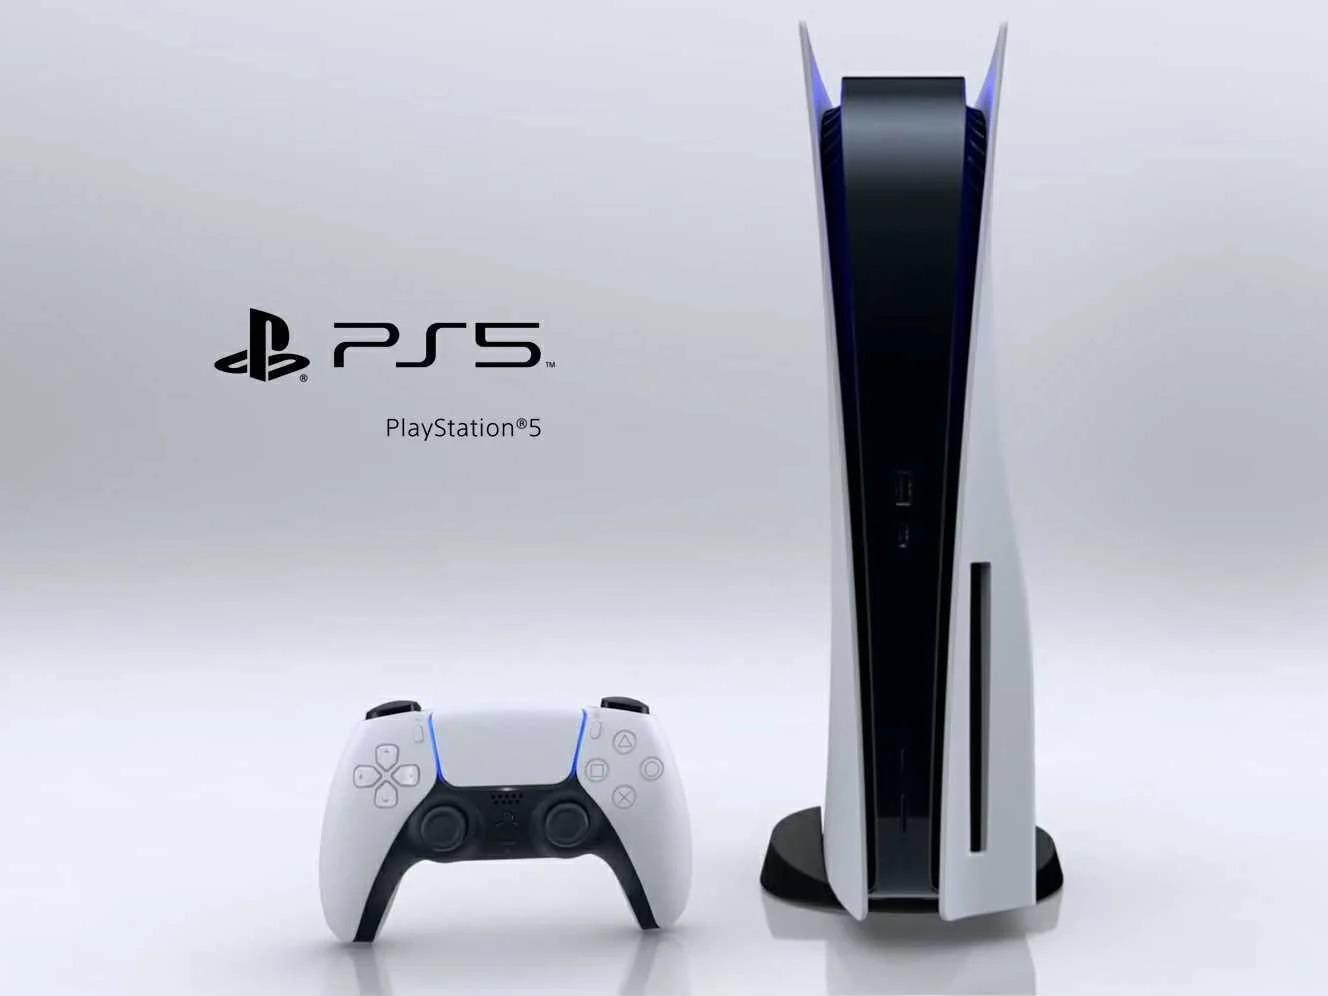 Sony xác nhận, gần như tất cả các game PS4 sẽ tương thích với PS5